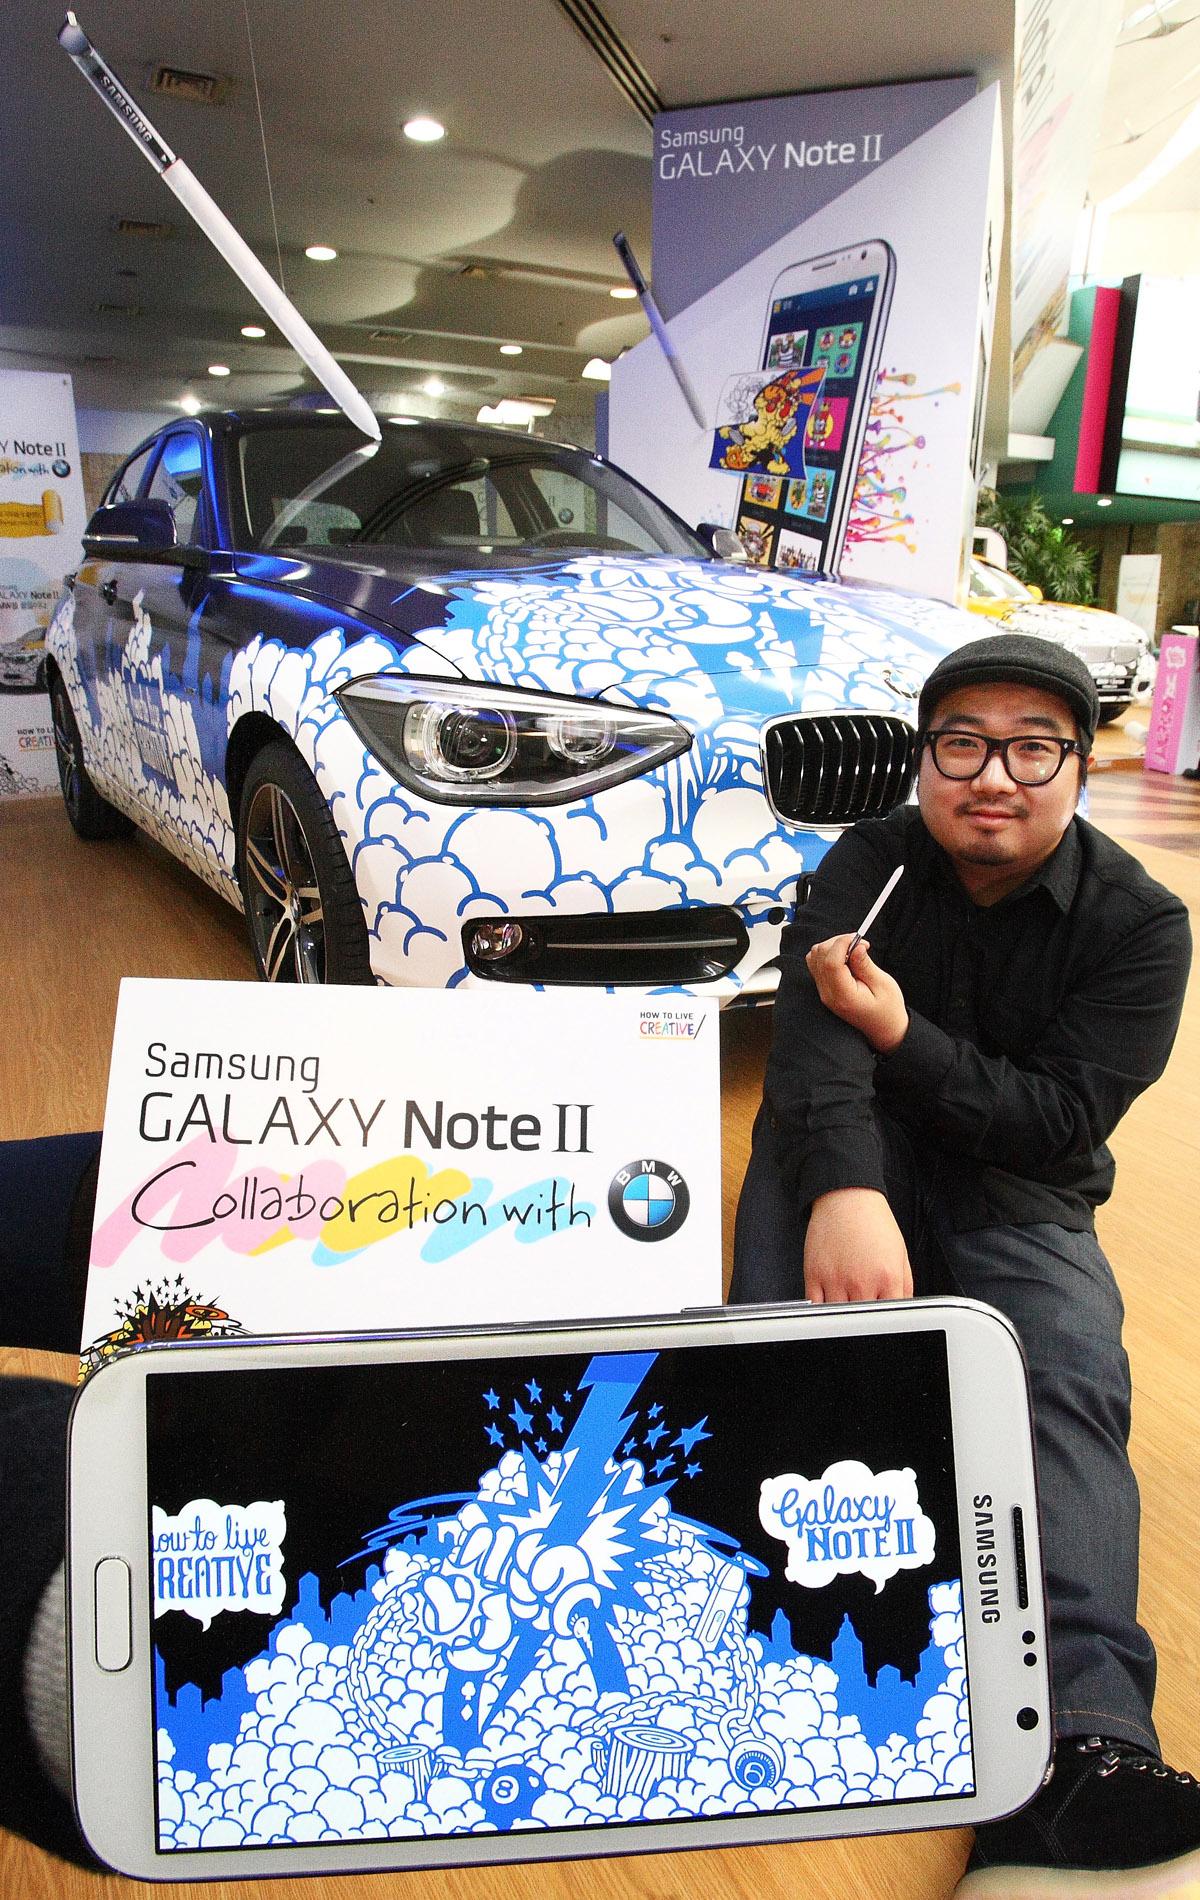 신동진 작가가 '갤럭시노트Ⅱ'로 디자인한 그림을 래핑한 BMW 1시리즈앞에서 갤럭시노트2를 들고 있다